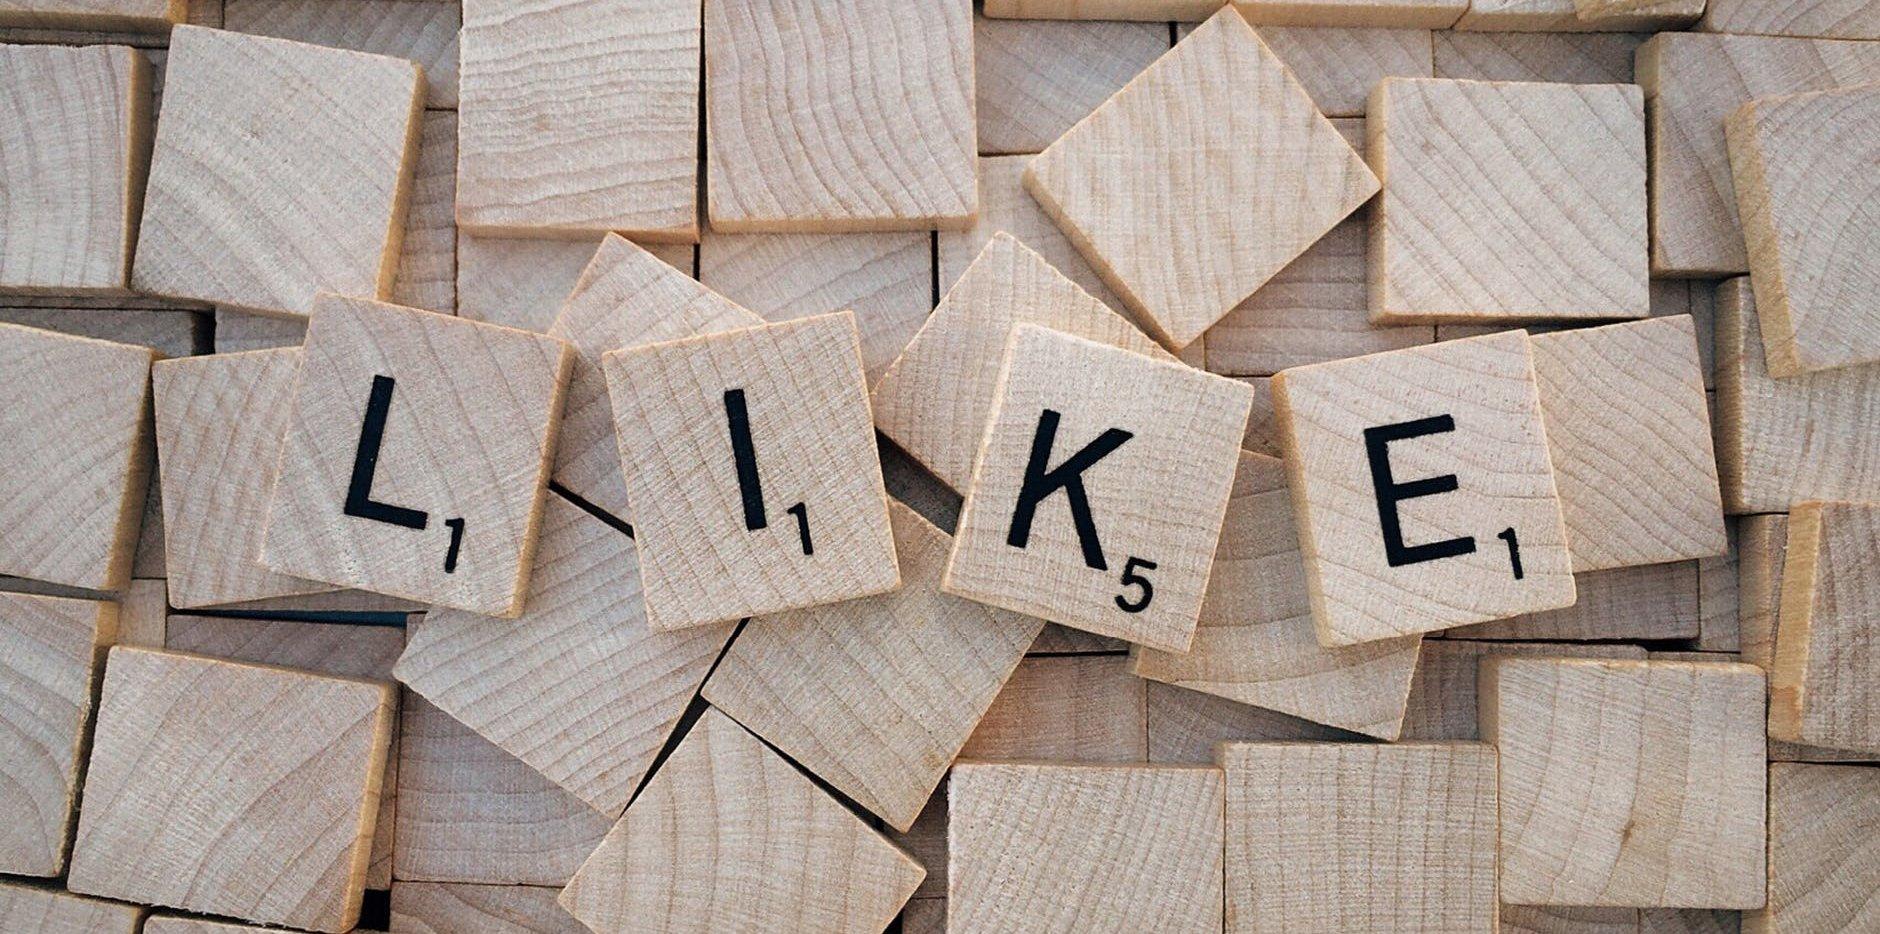 מיתוג בעידן הרשתות החברתיות